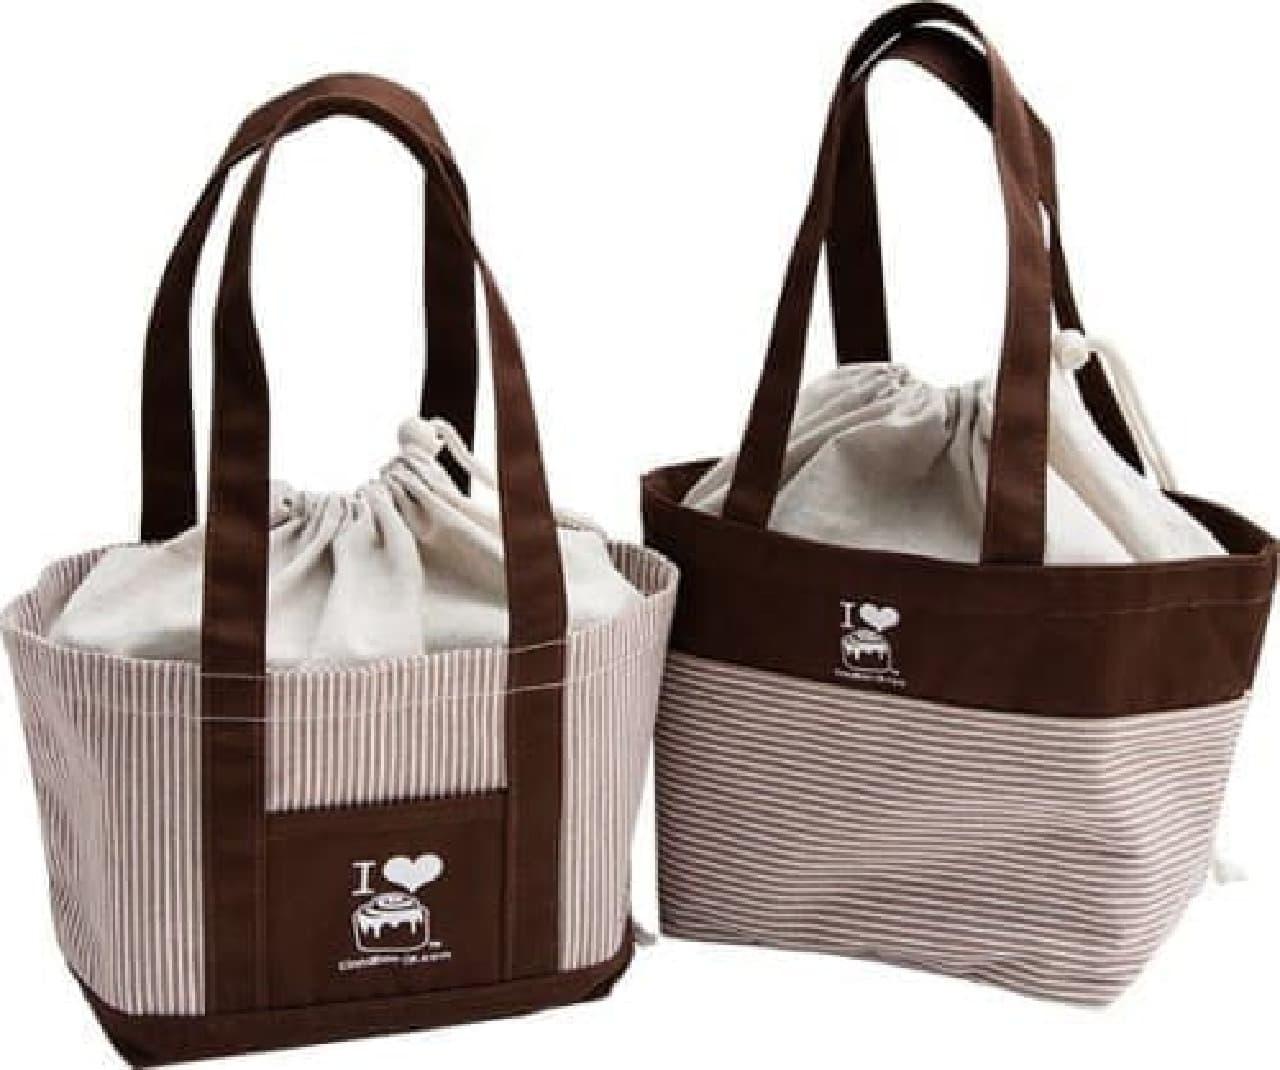 ミニトートバッグは「ボーダー」と「ストライプ」の2種